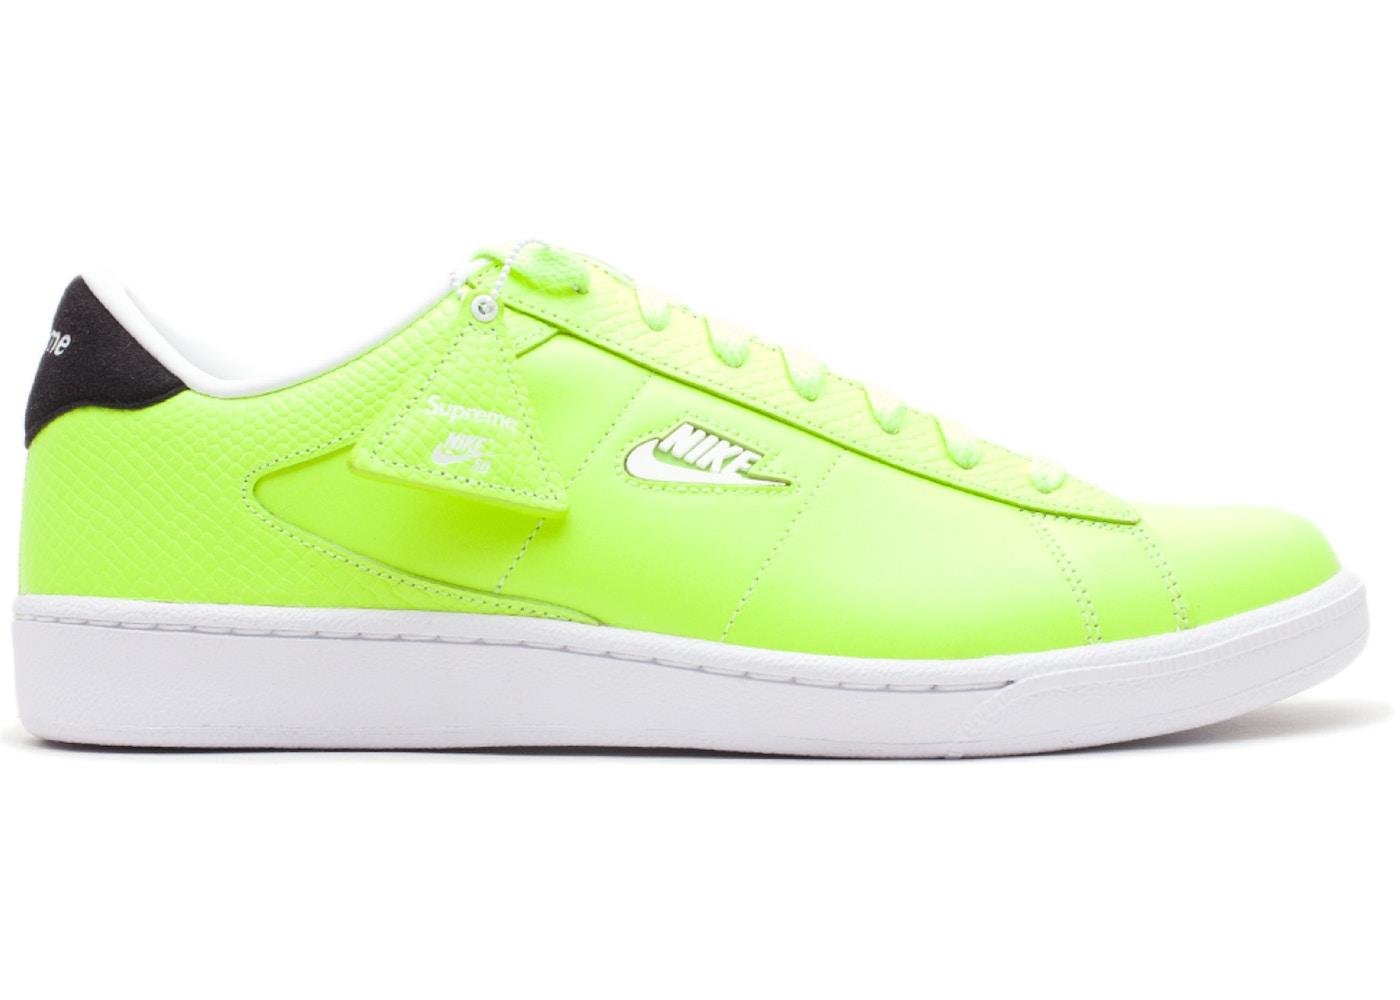 a875c9bc57d9 Nike SB Tennis Classic Supreme Volt - 556045-710